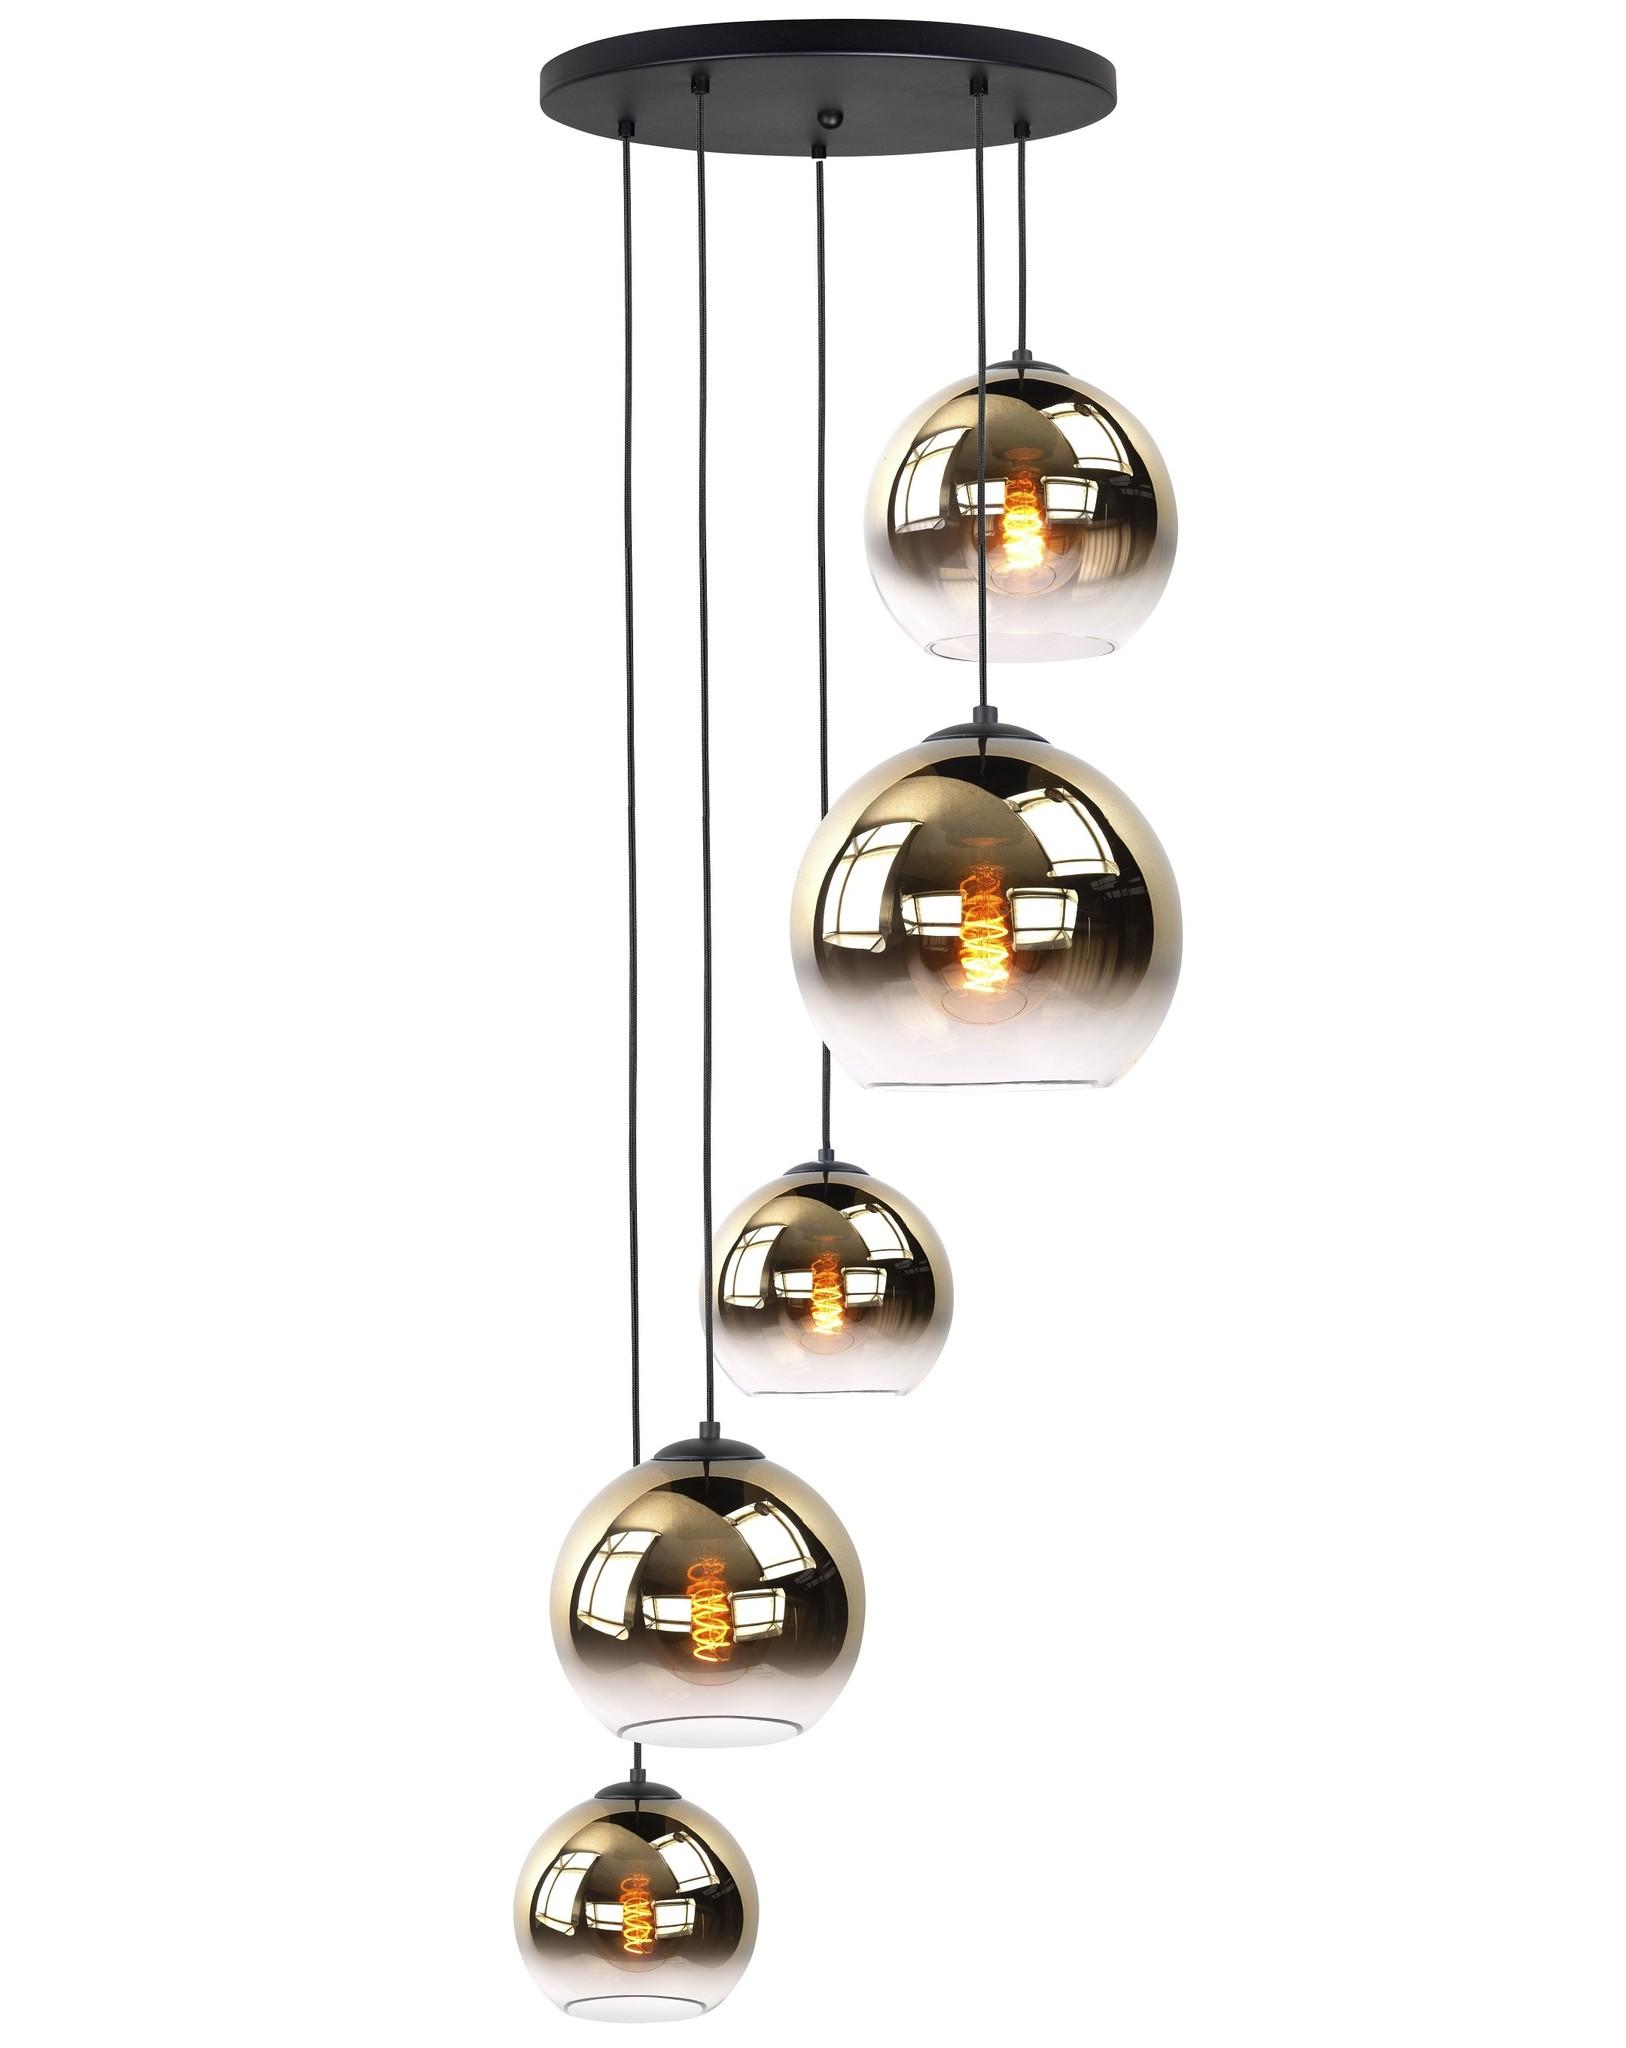 Hanglamp Balloon Gold Glas 5Lichts 160cm